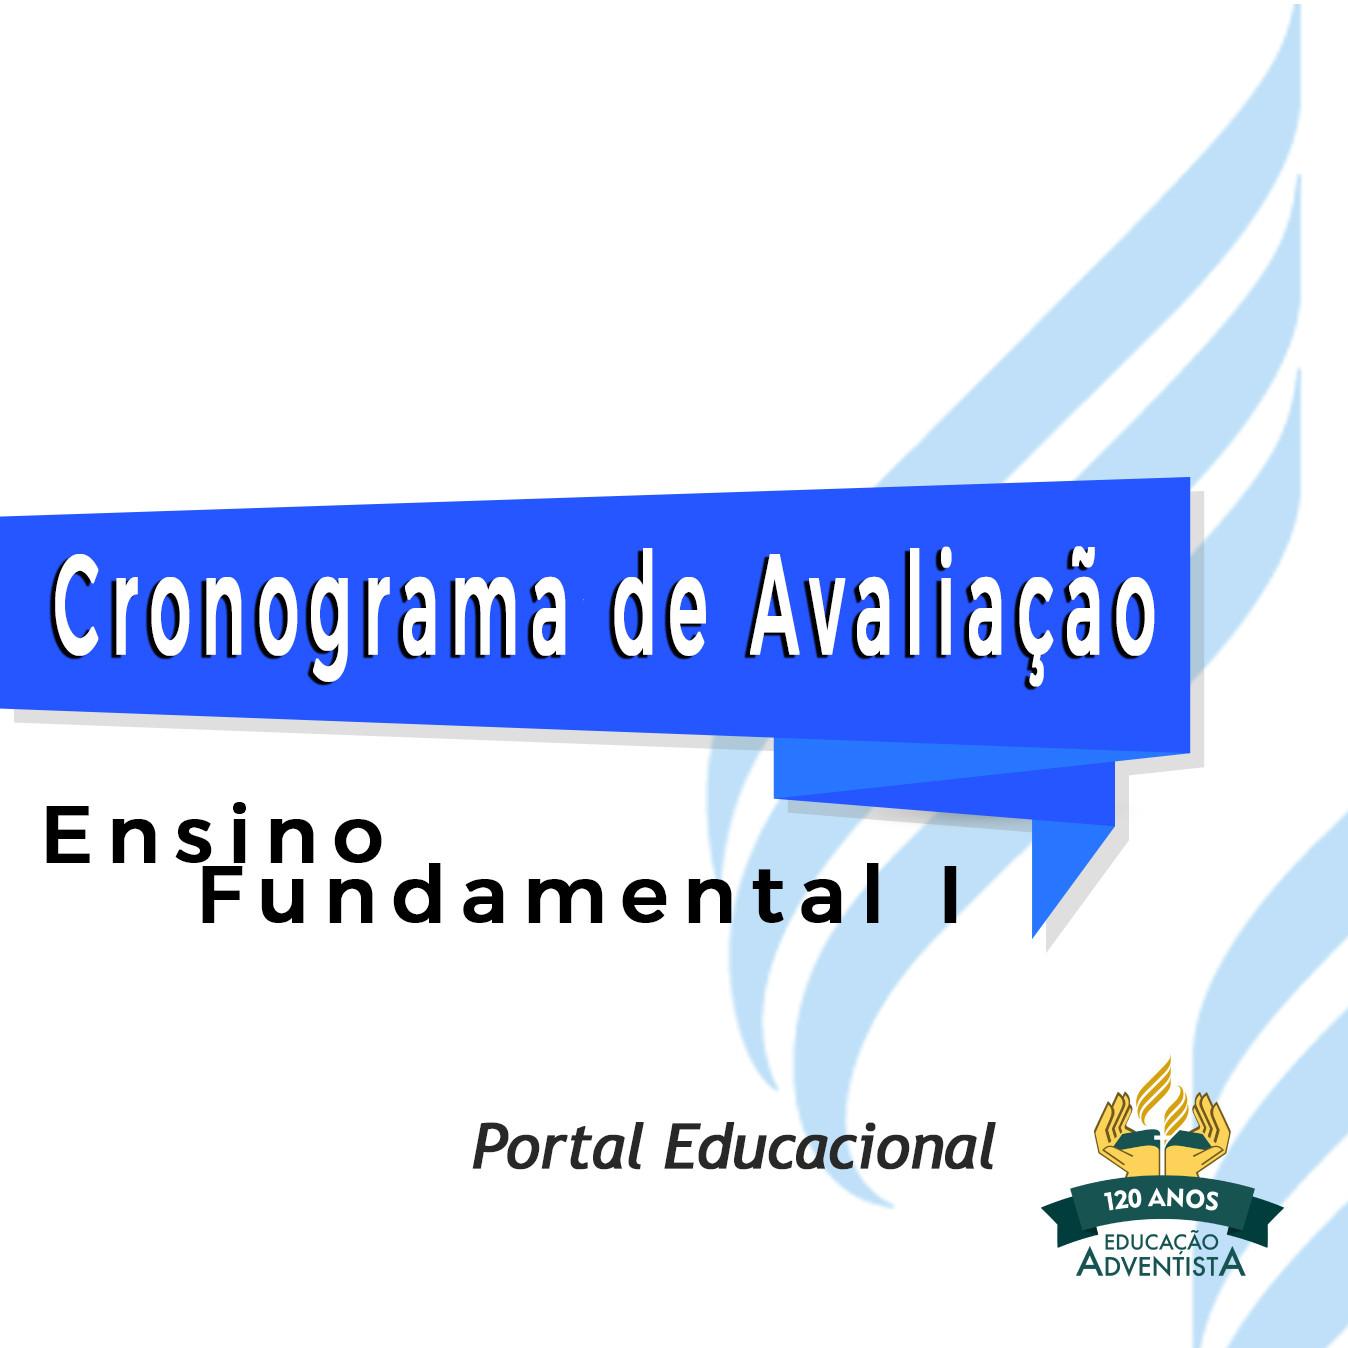 Cronograma de Avaliação - Ensino Fundamental I